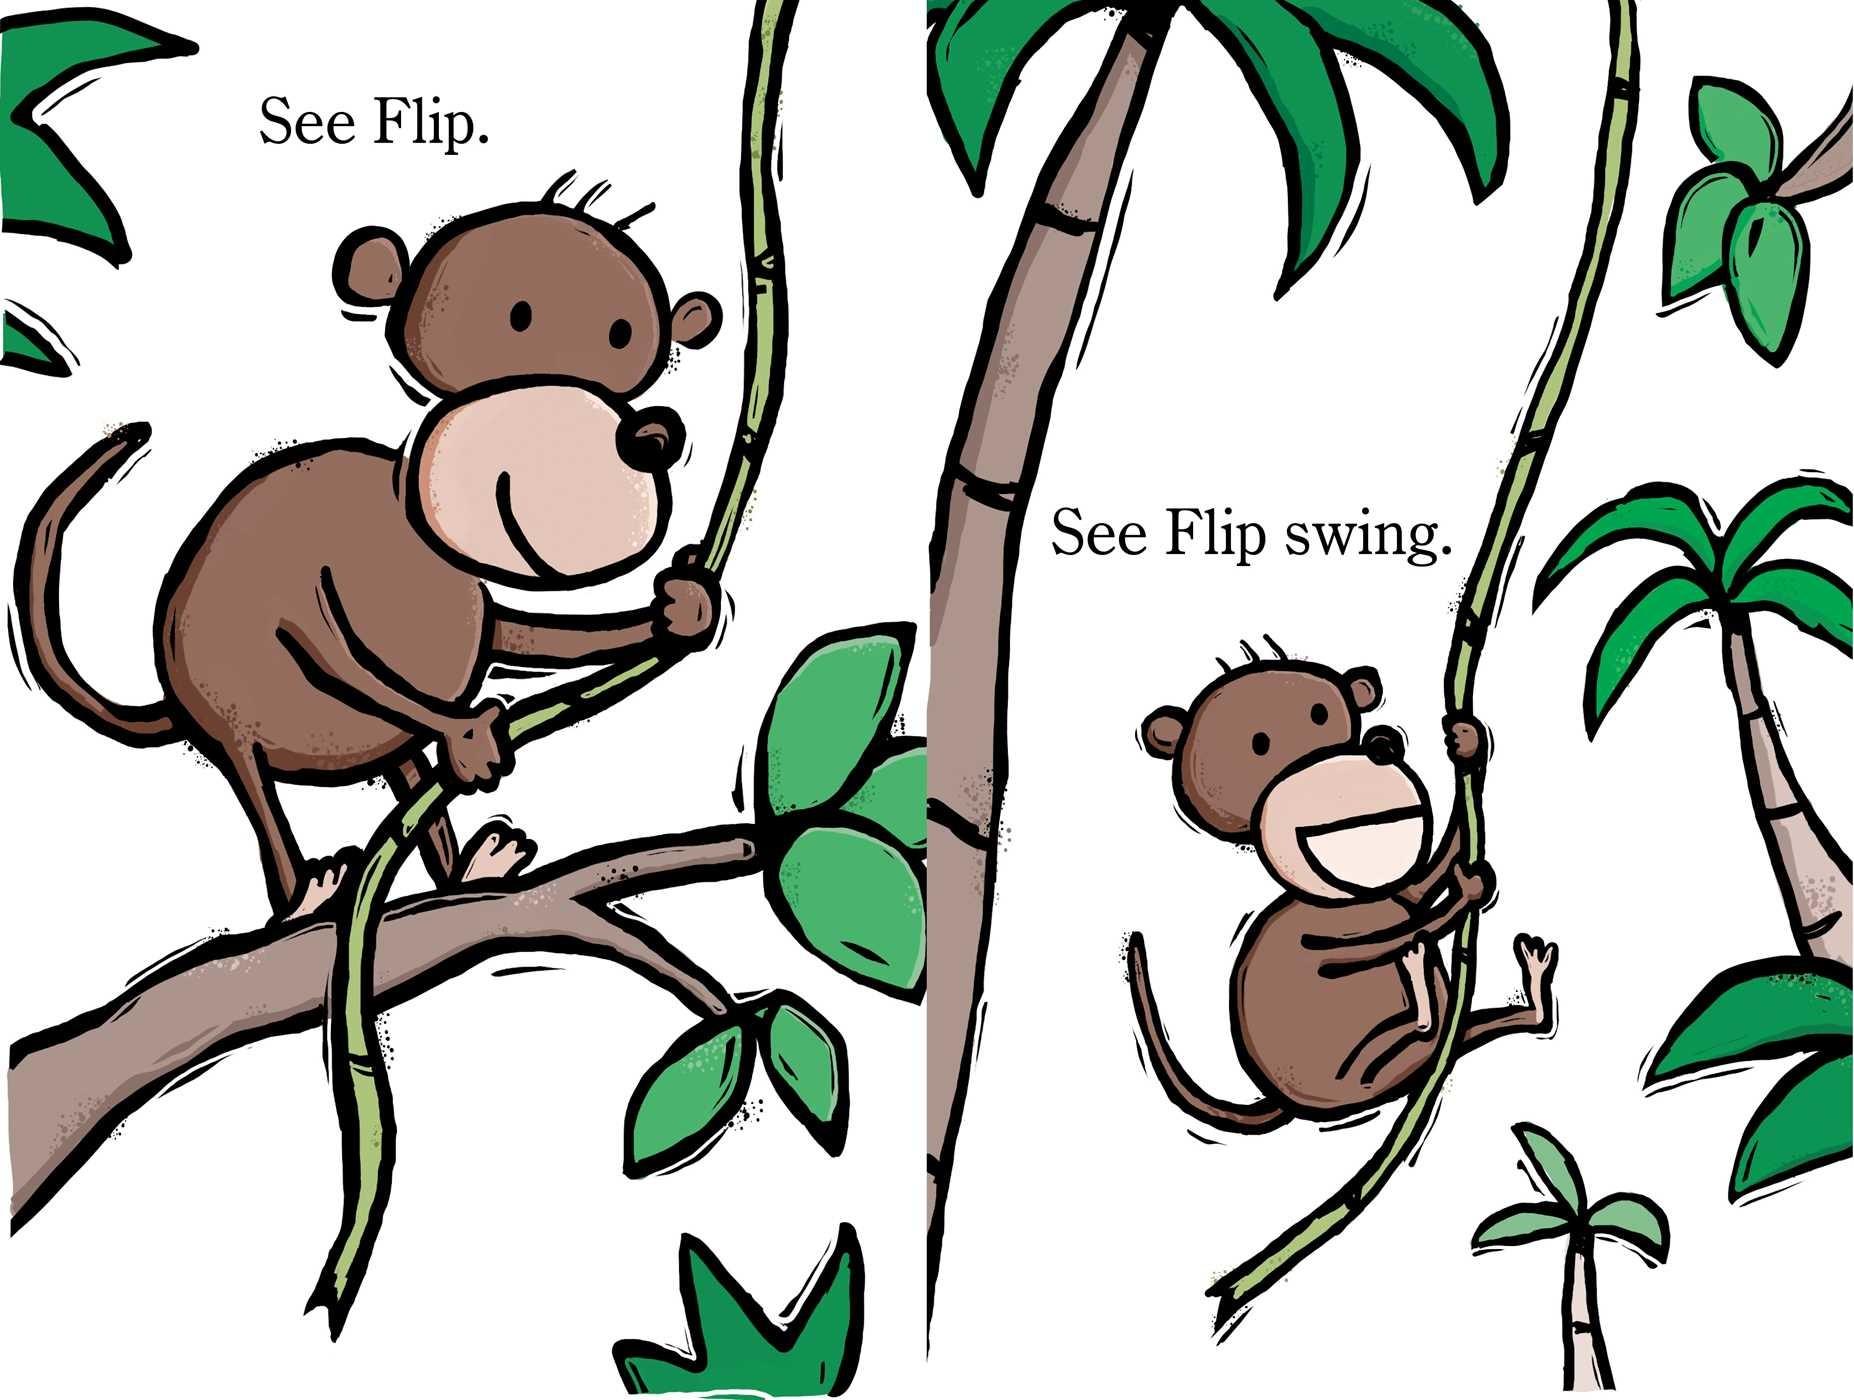 Swing otto swing 9781481467902.in01